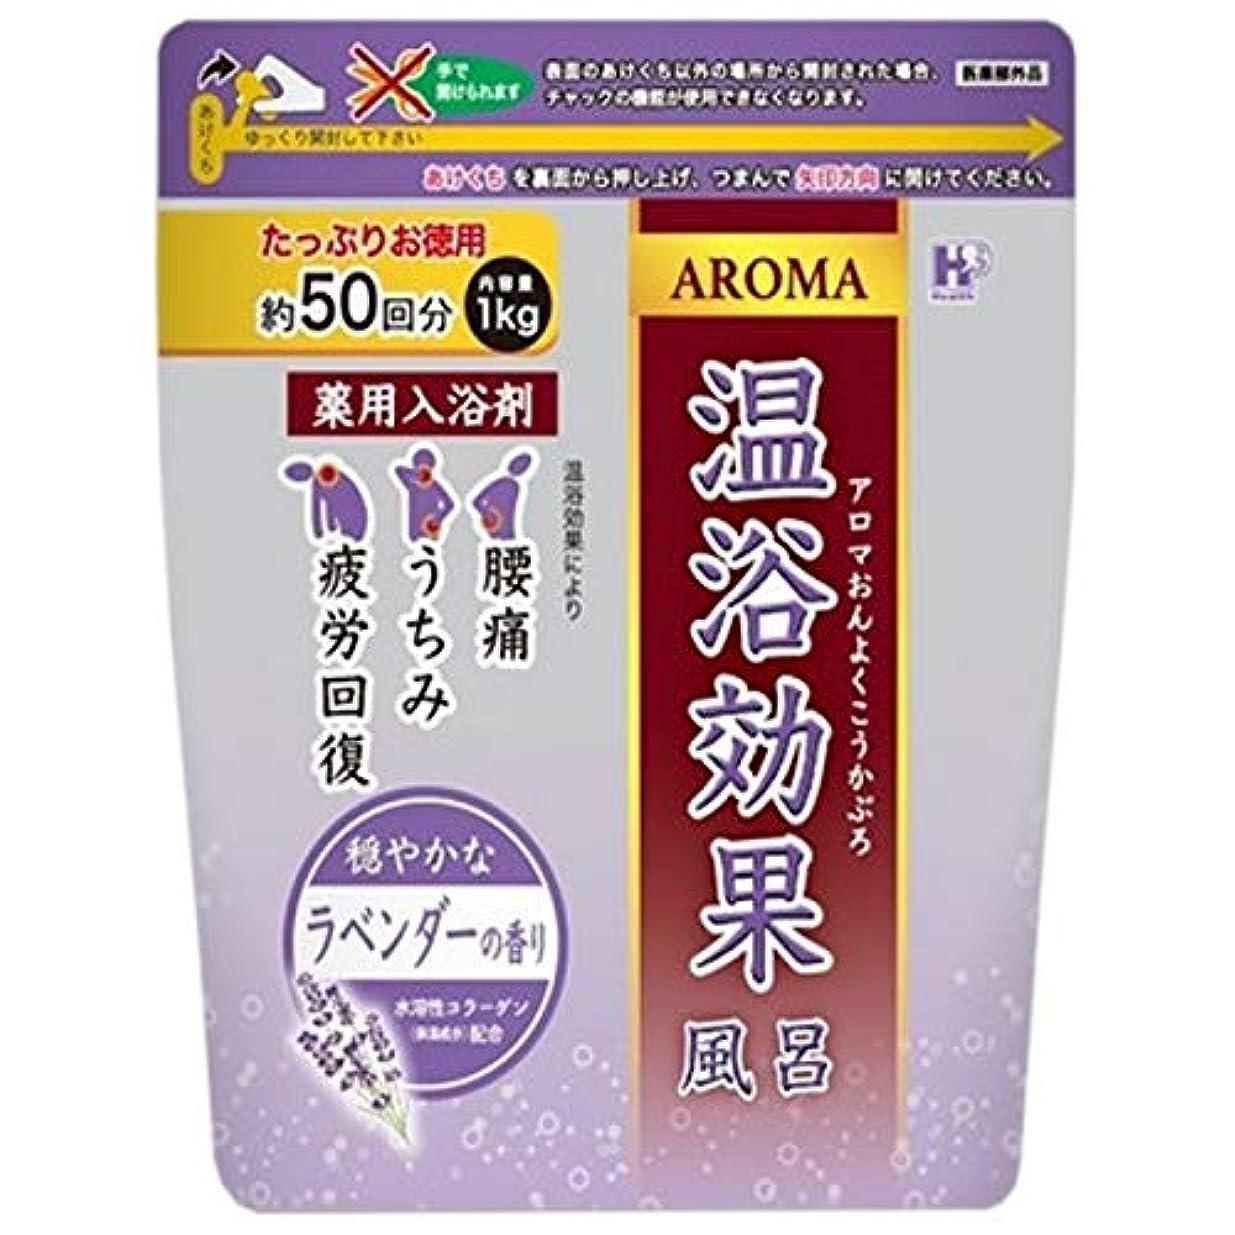 自分の抵抗保証する薬用入浴剤 アロマ温浴効果風呂 ラベンダー 1kg×10袋入